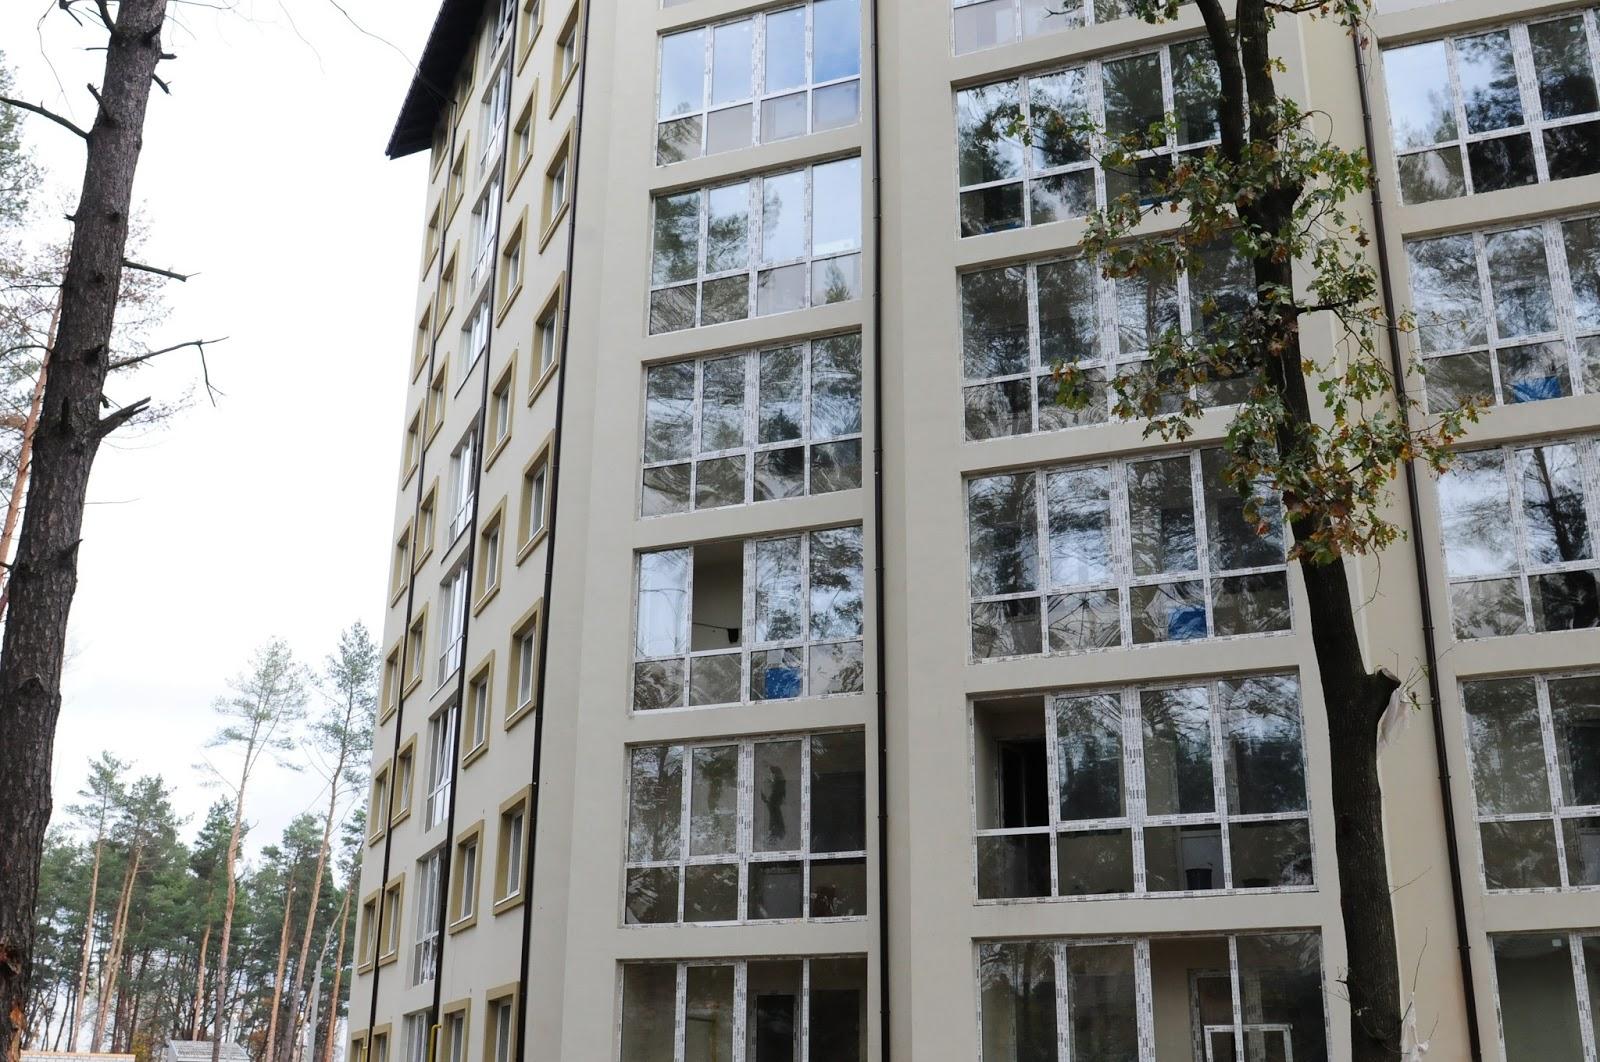 ЖК Полтавский двор на фото 1